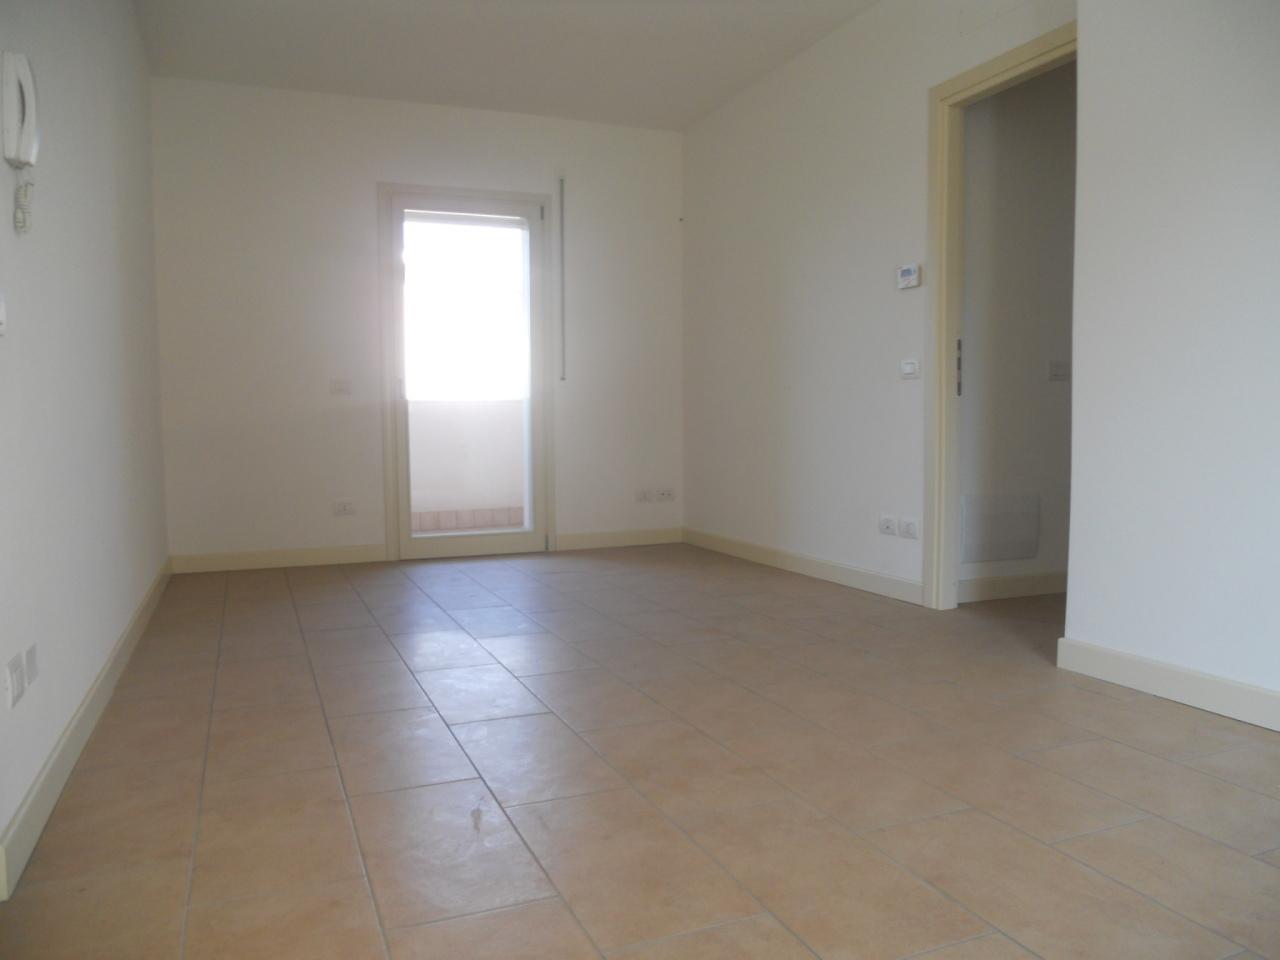 Appartamento in affitto a Chiari, 3 locali, prezzo € 300 | Cambio Casa.it